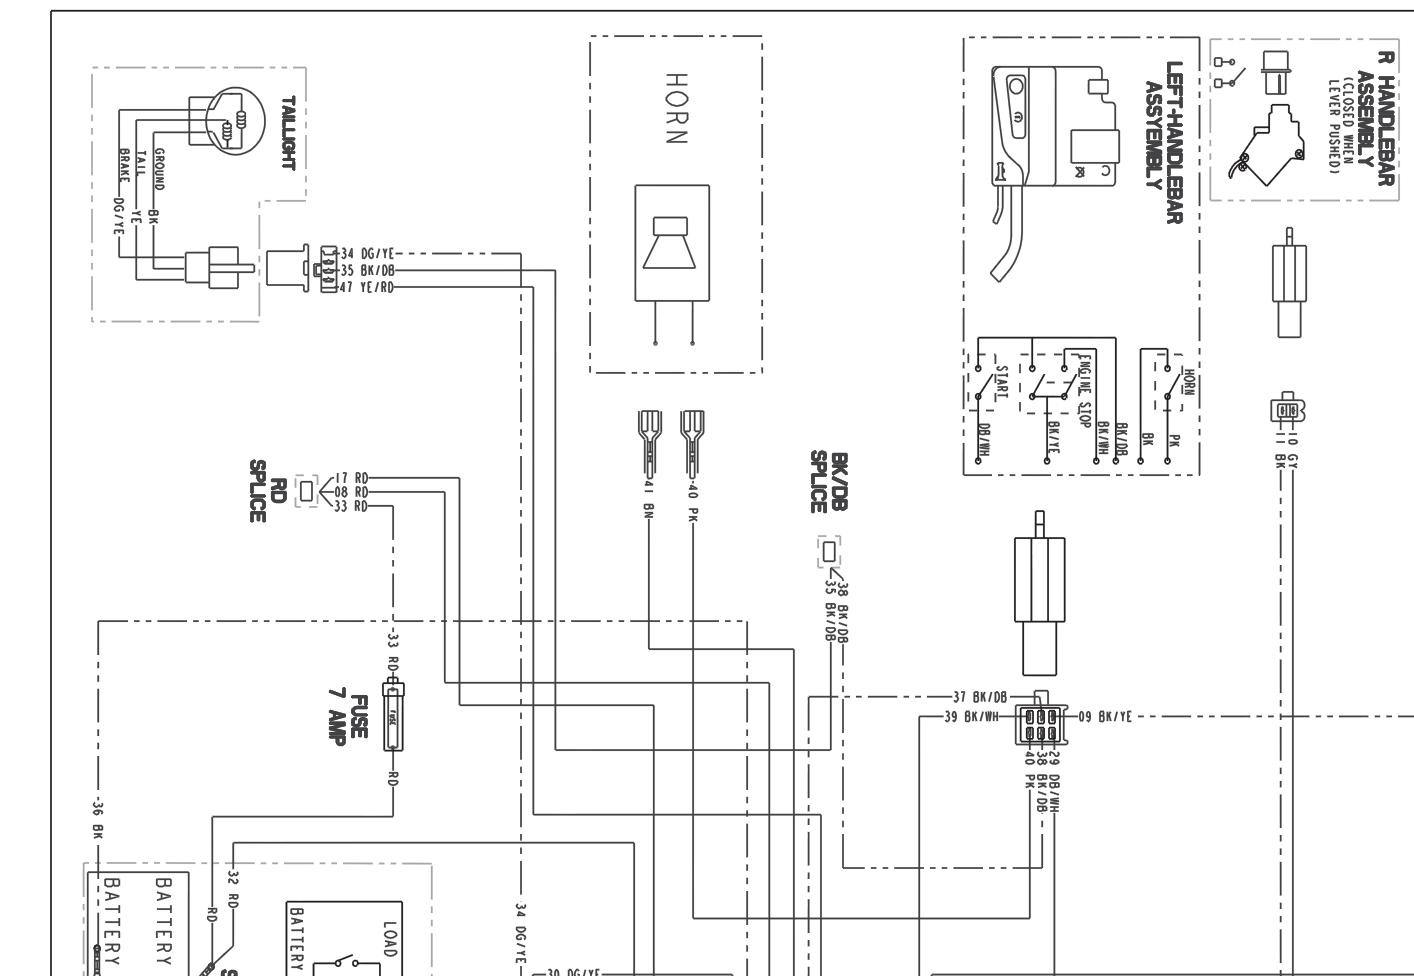 polaris sportsman 600 twin wiring diagram 2004 polaris sportsman 6002003 polaris sportsman 600 wiring schematic on images